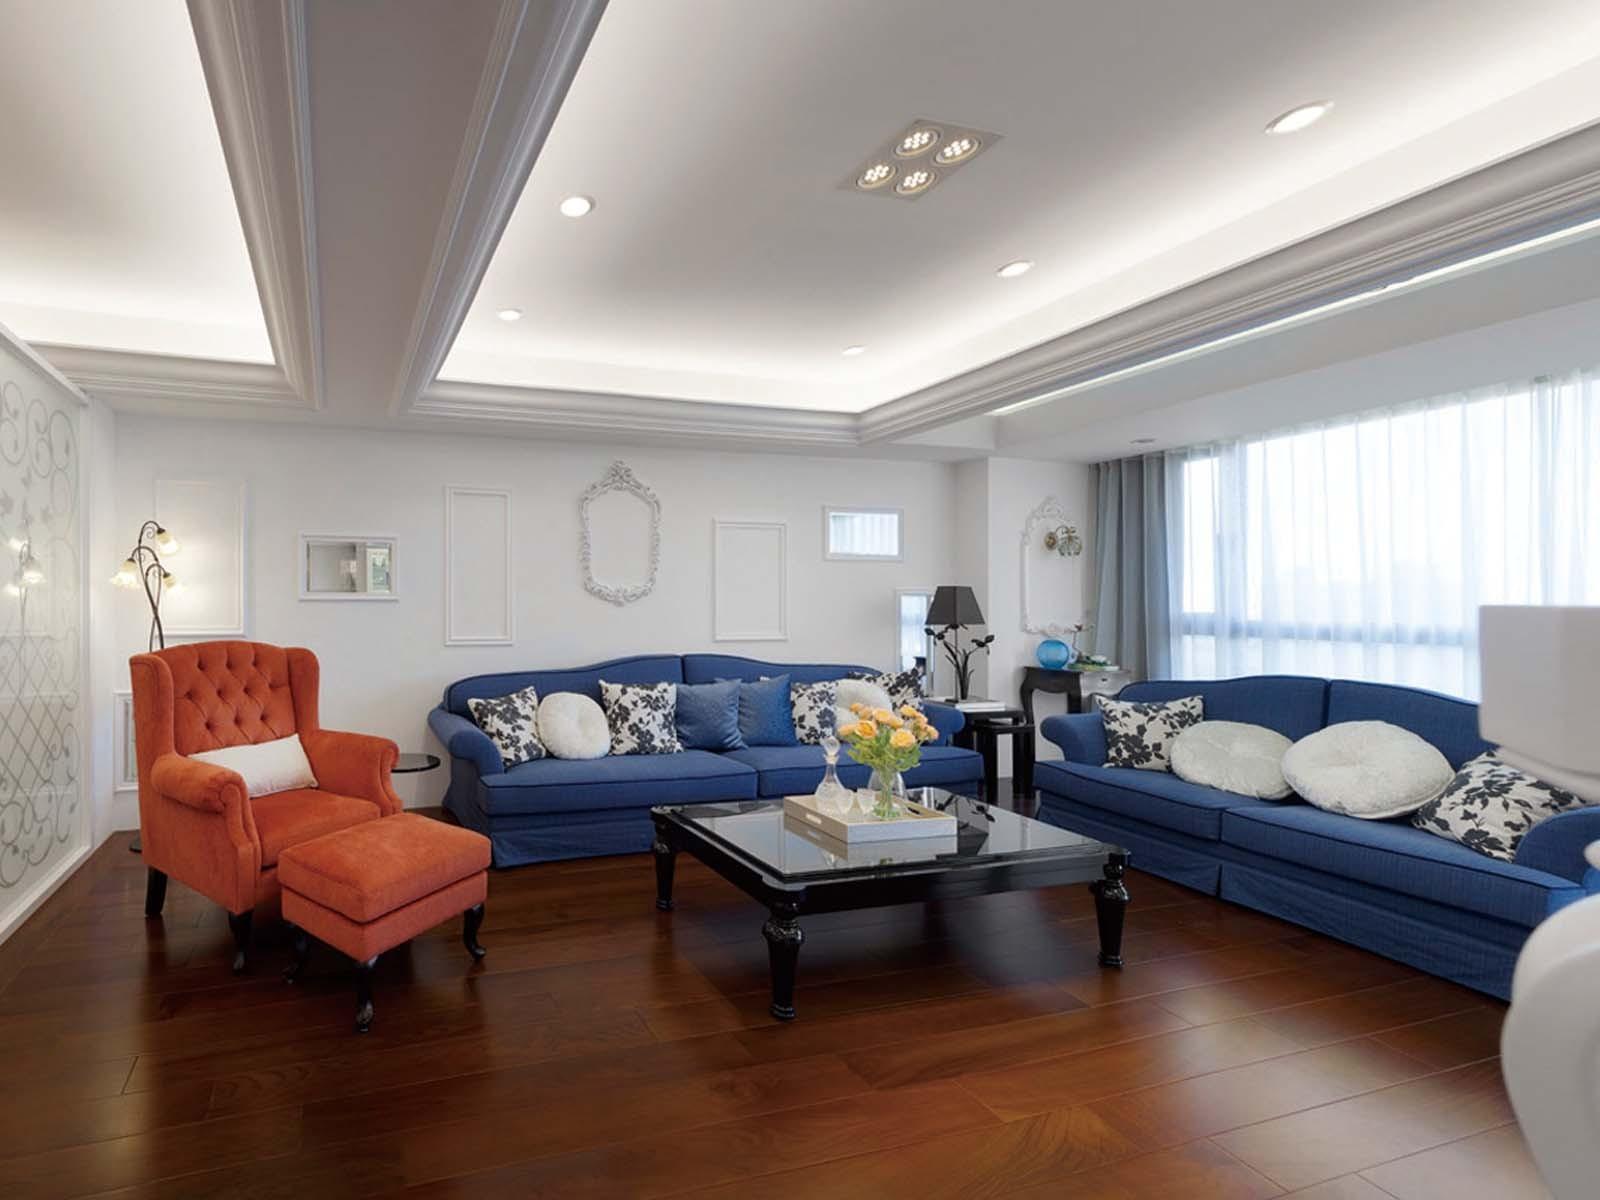 2019法式110平米装修设计 2019法式三居室装修设计图片